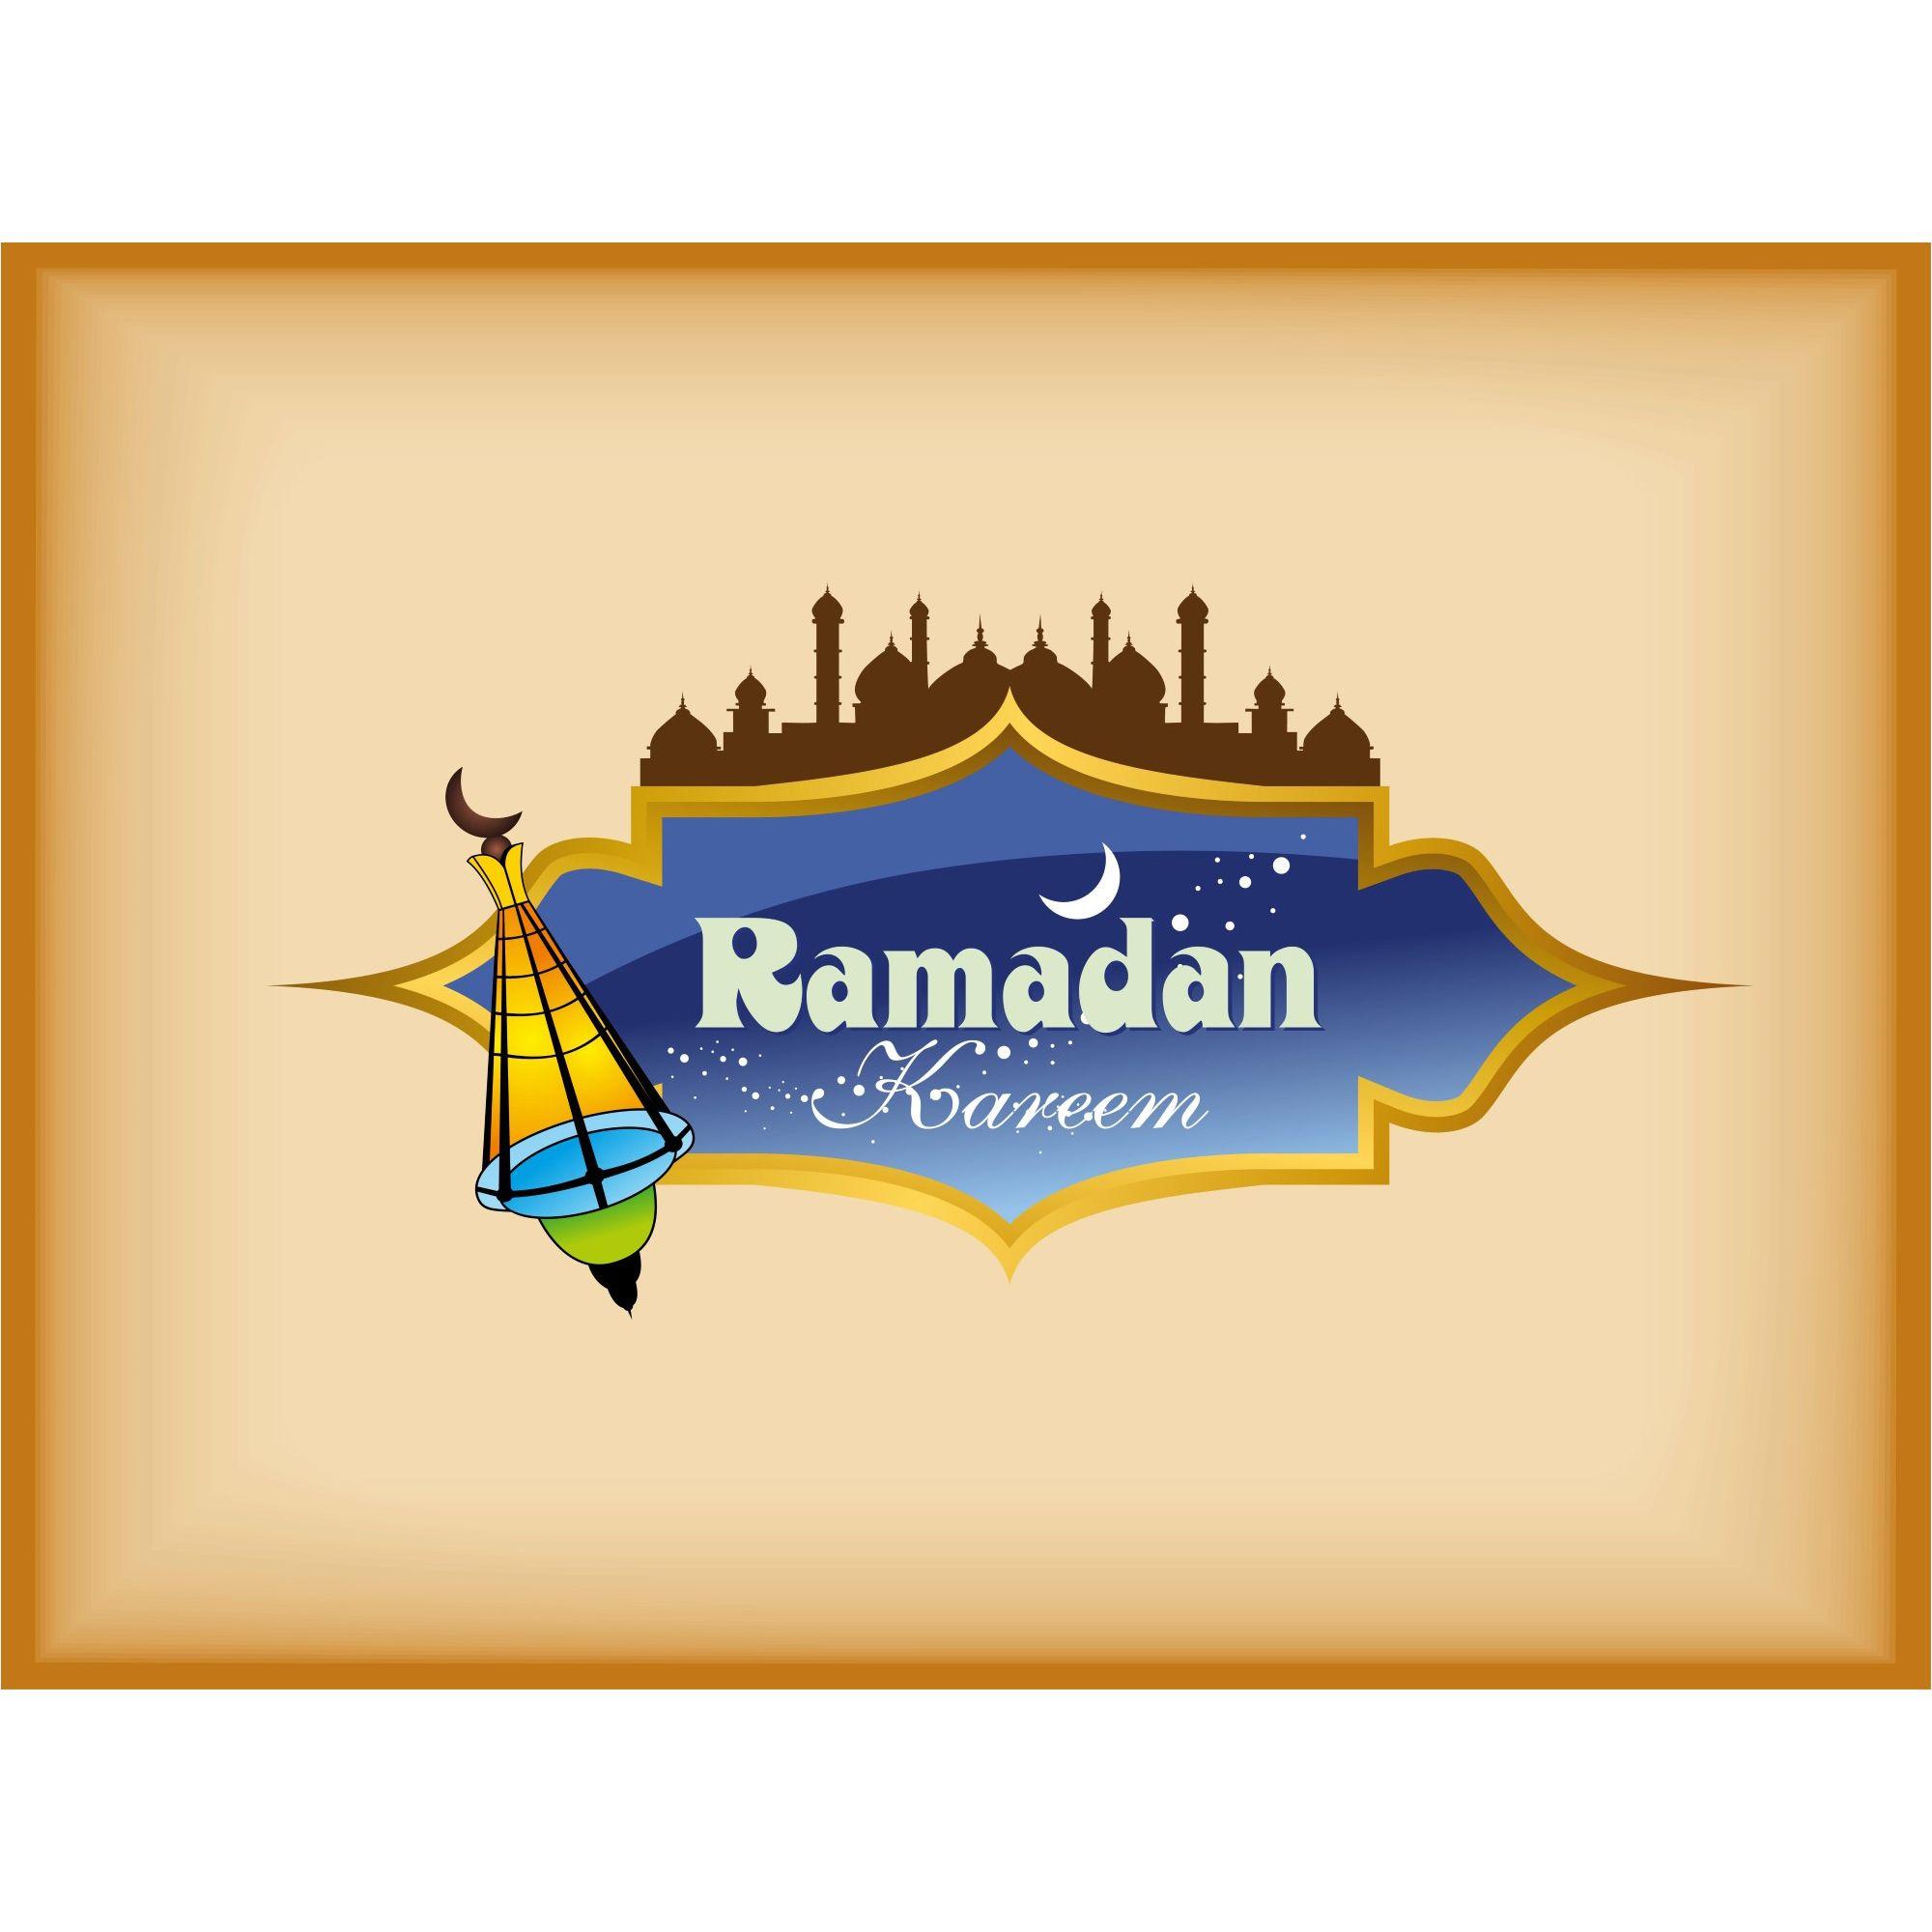 Hanging Lamps Ramadan Kareem Ramadan Kareem Pictures Ramadan Kareem Ramadan Wishes